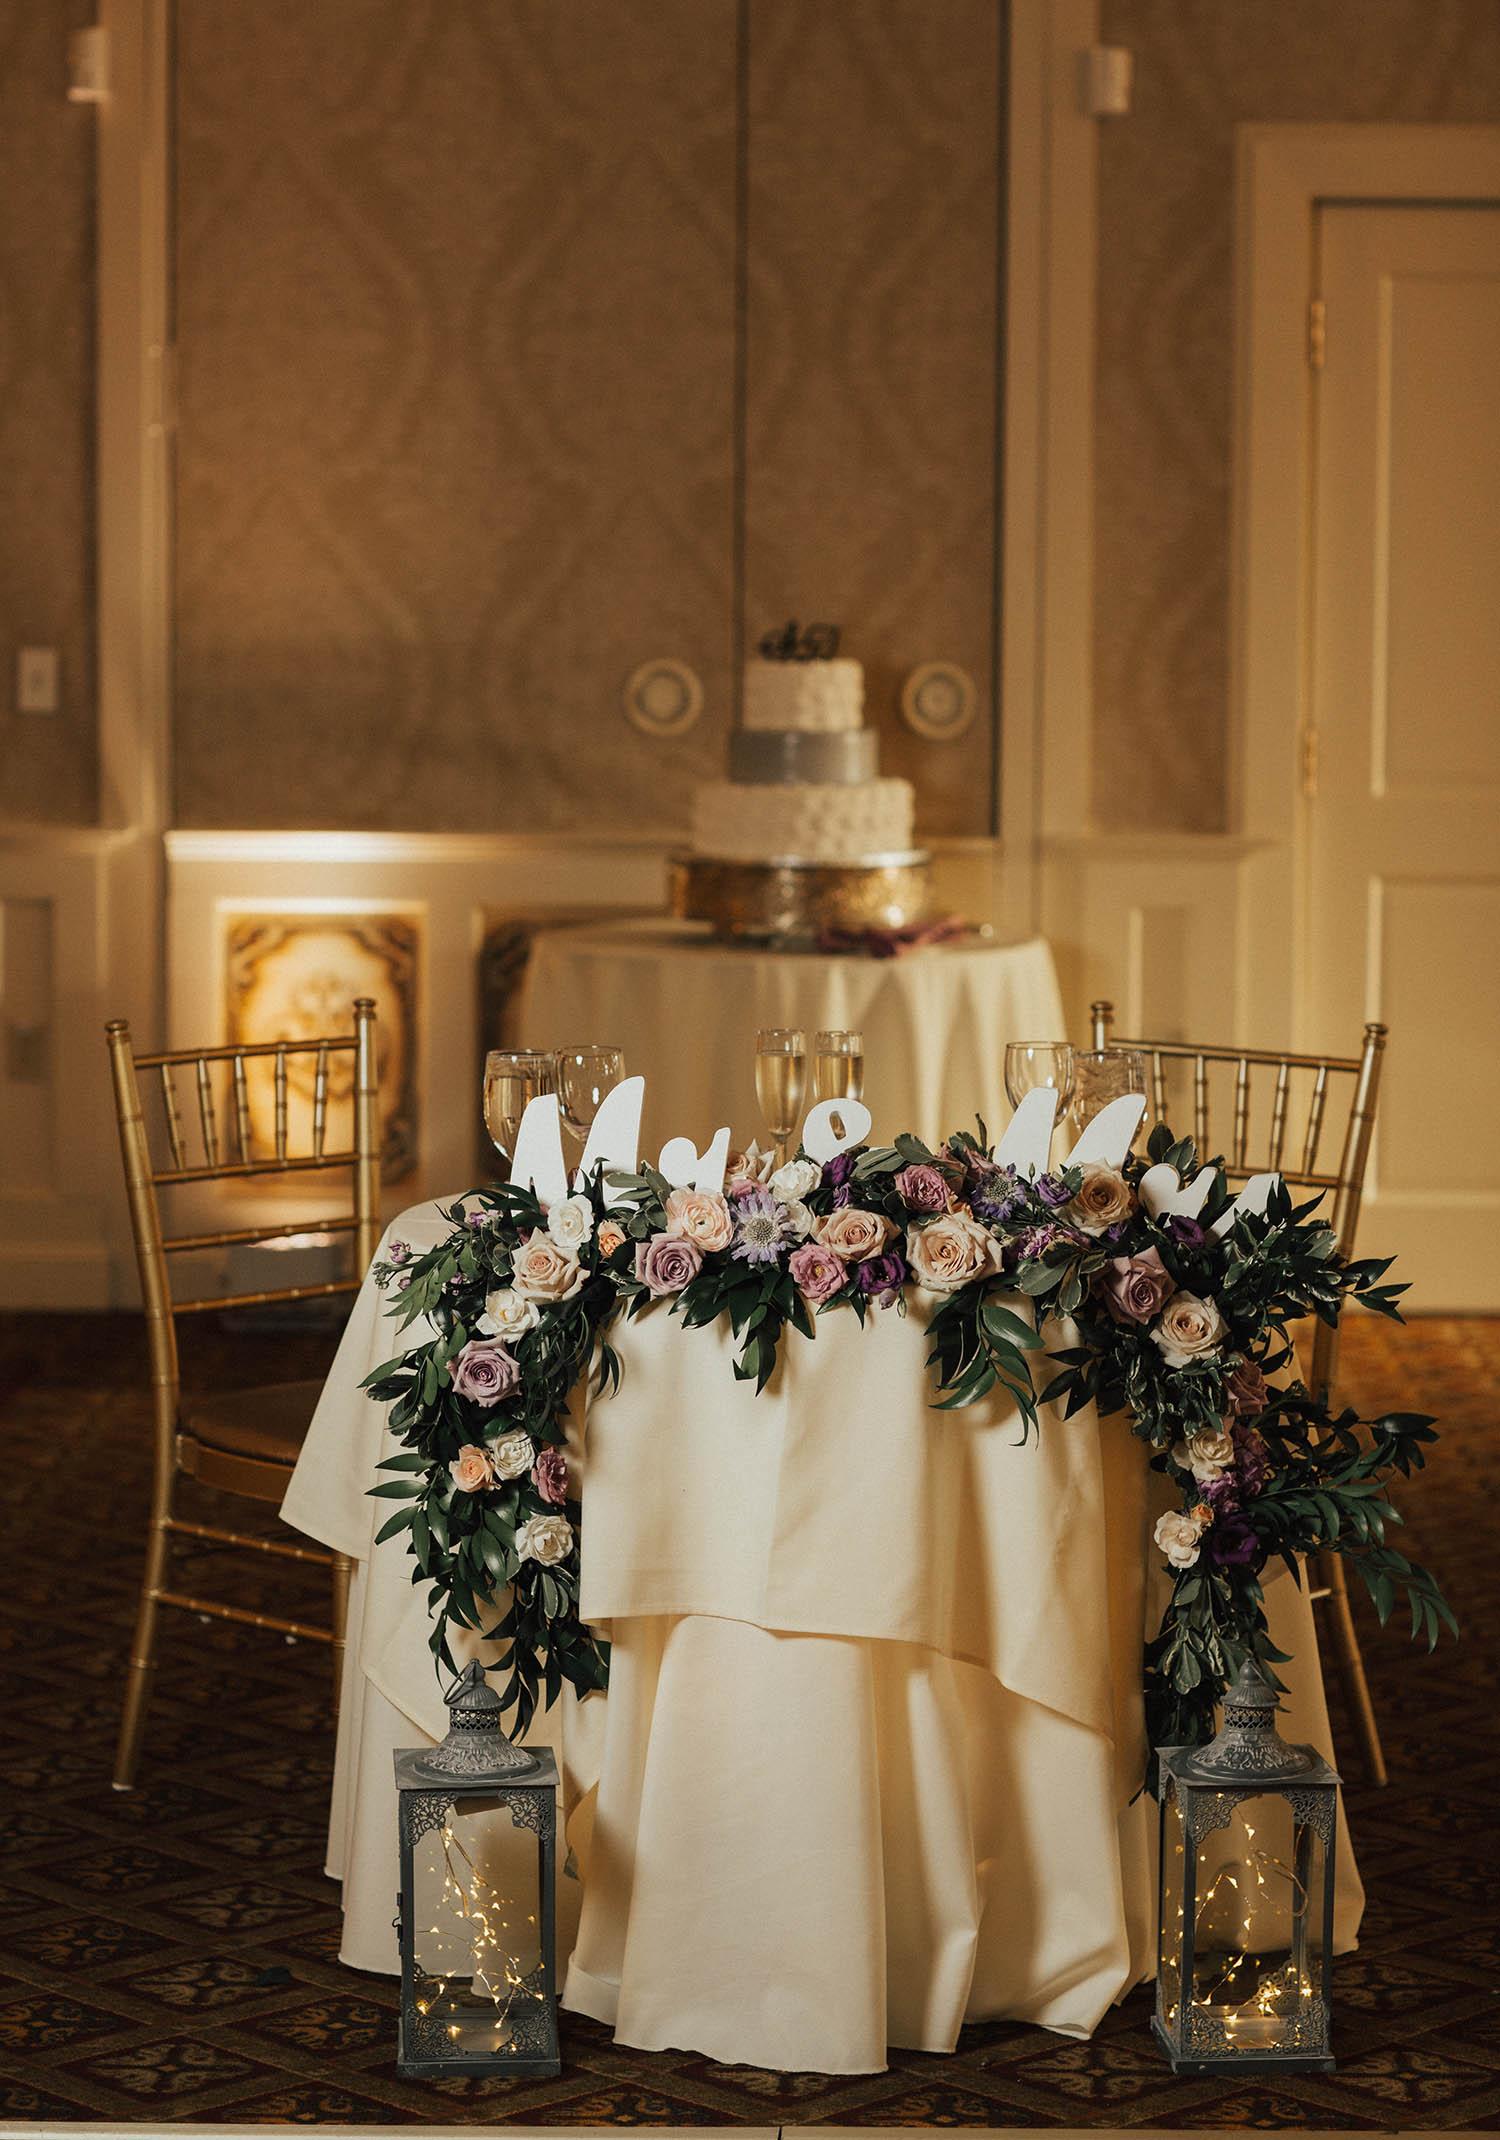 ct-wedding-florist-saint-clements-castle-wedding-13